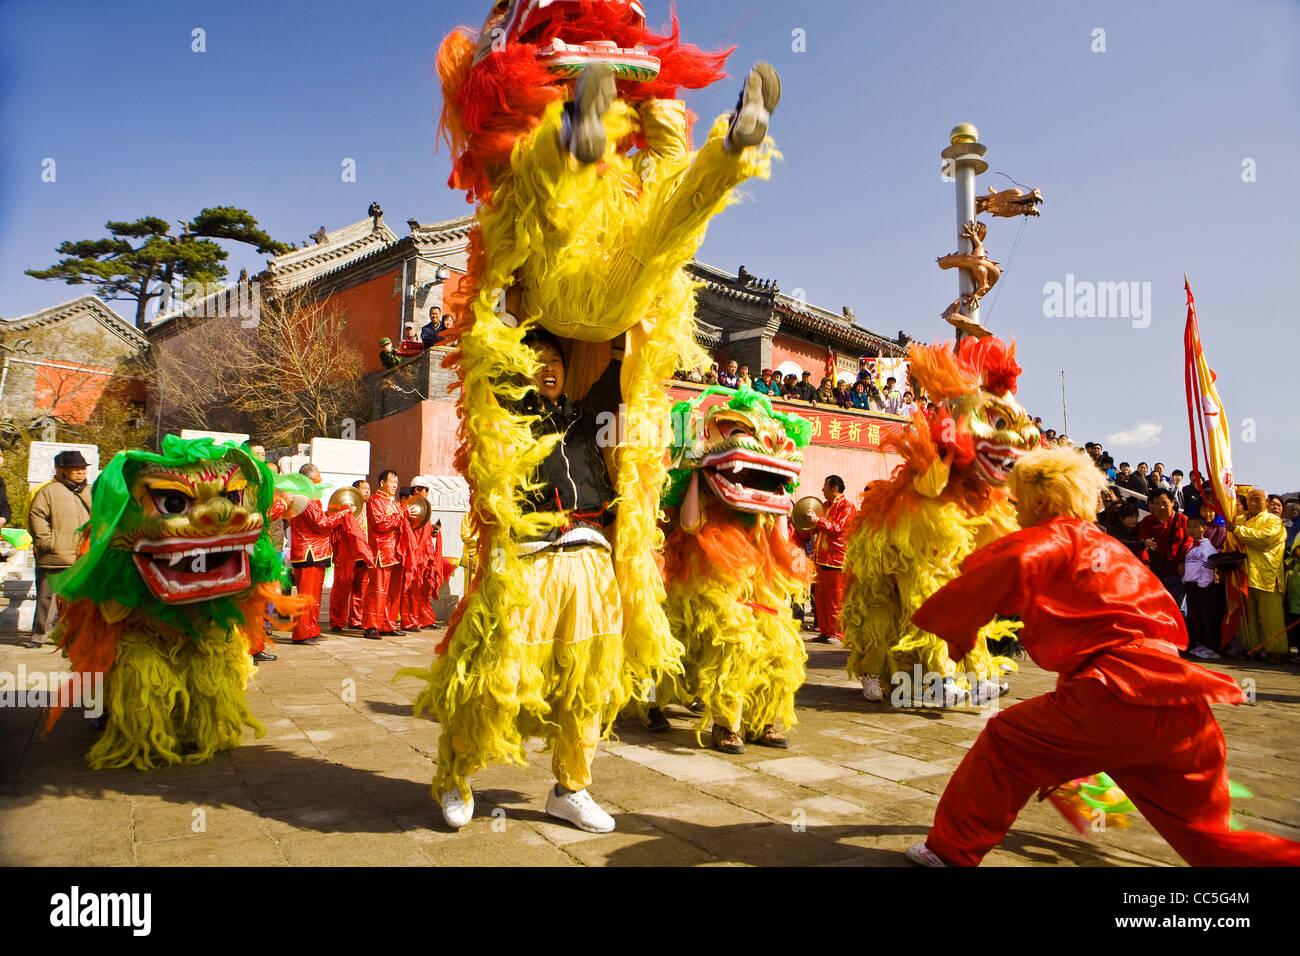 Durchführung von Löwen getanzt während Tempel Messe, Miaofeng Berg, Peking, China Stockbild